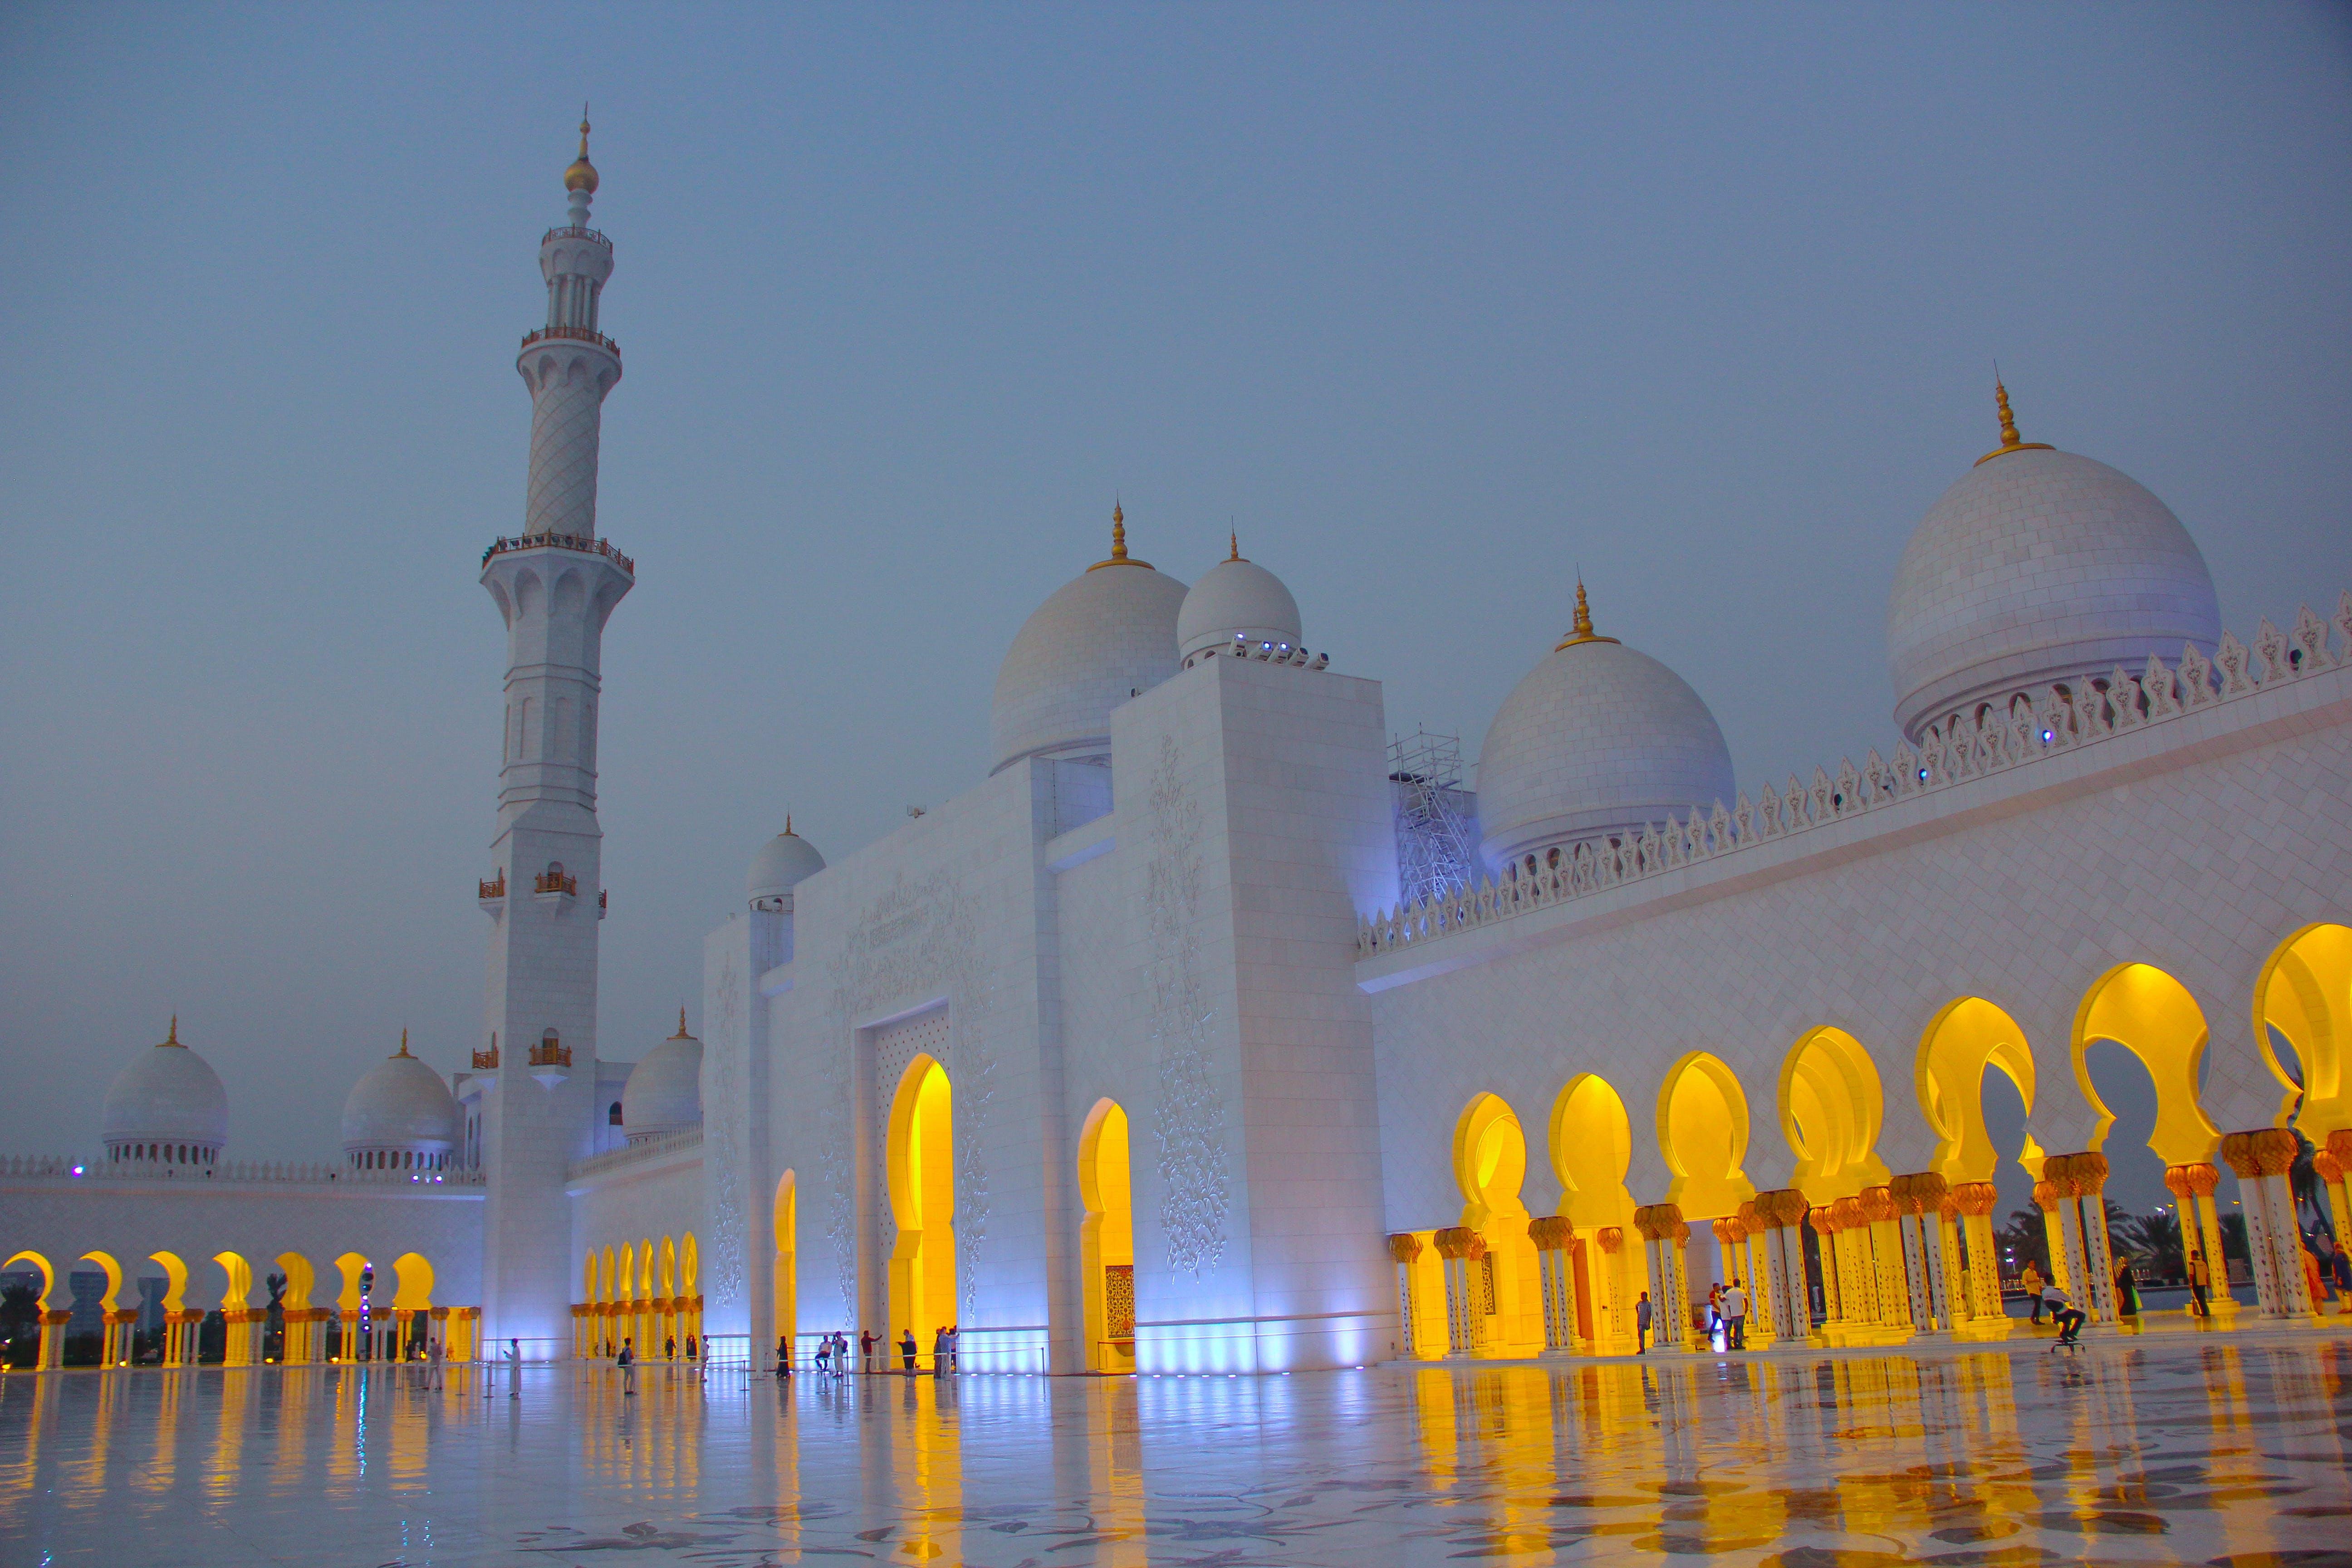 zu abu dhabi, architektur, bögen, gebäude